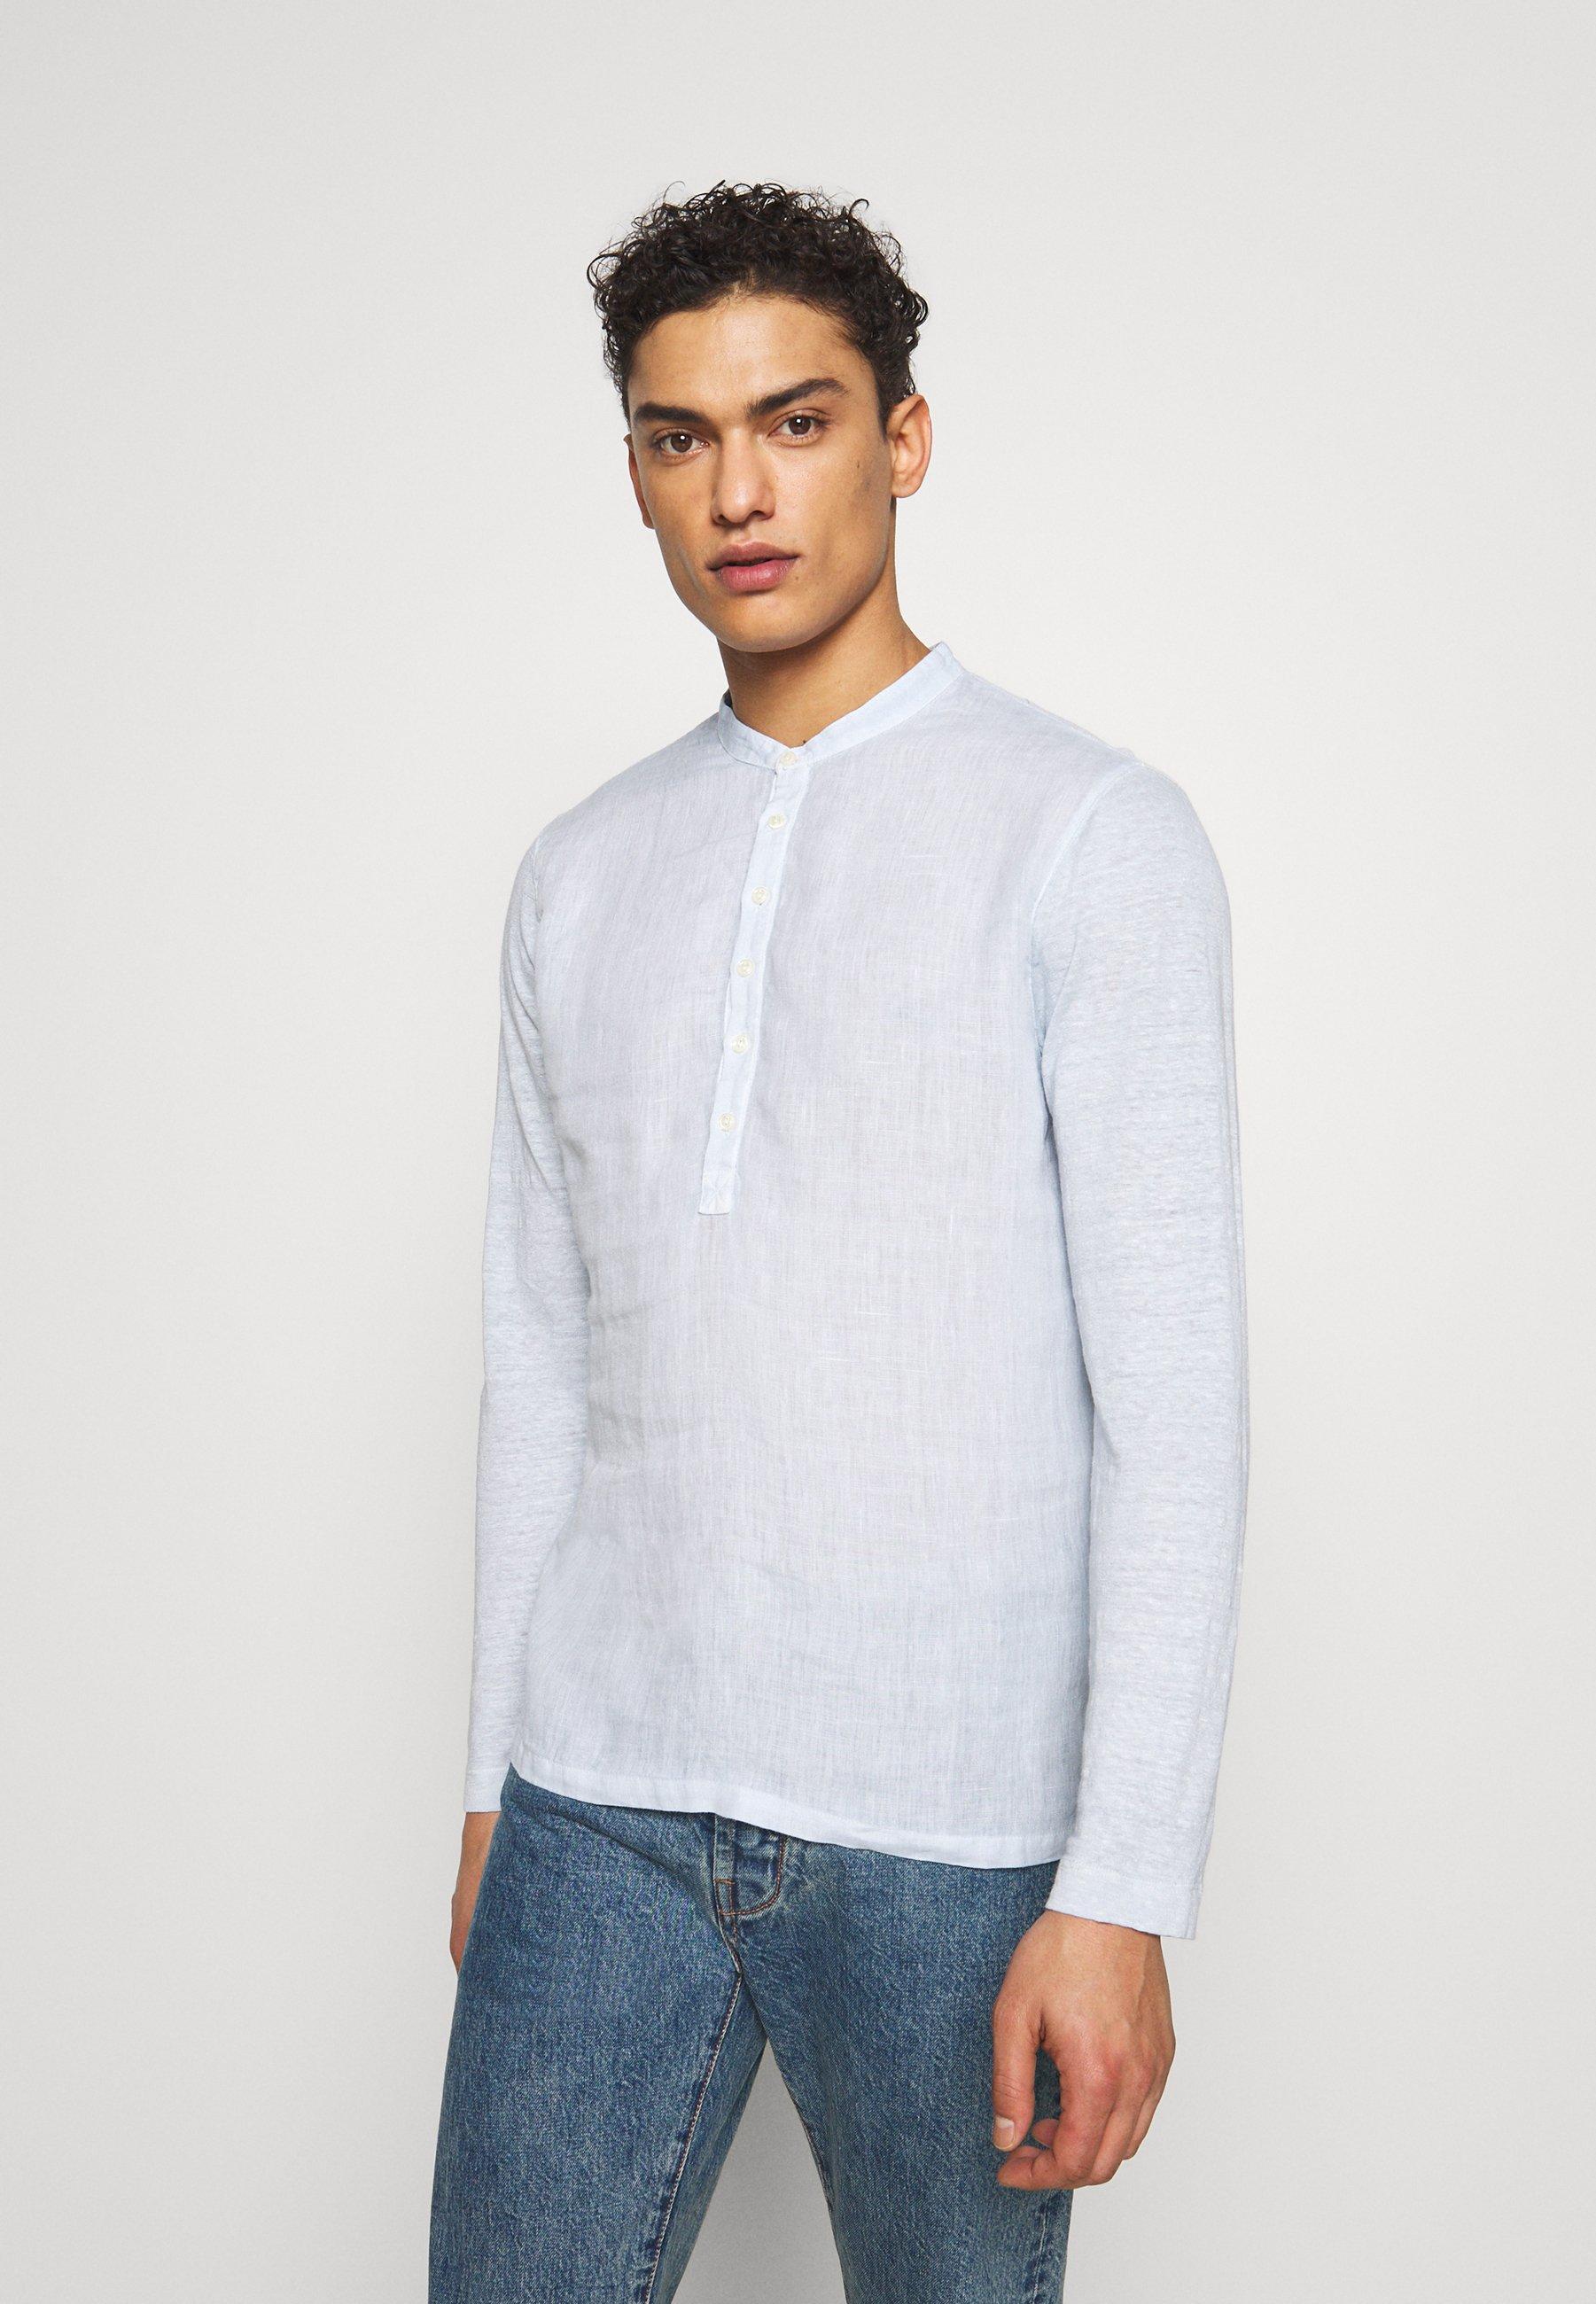 120% Lino GURU - Hemd - pacific blue soft fade | Herrenbekleidung 2020